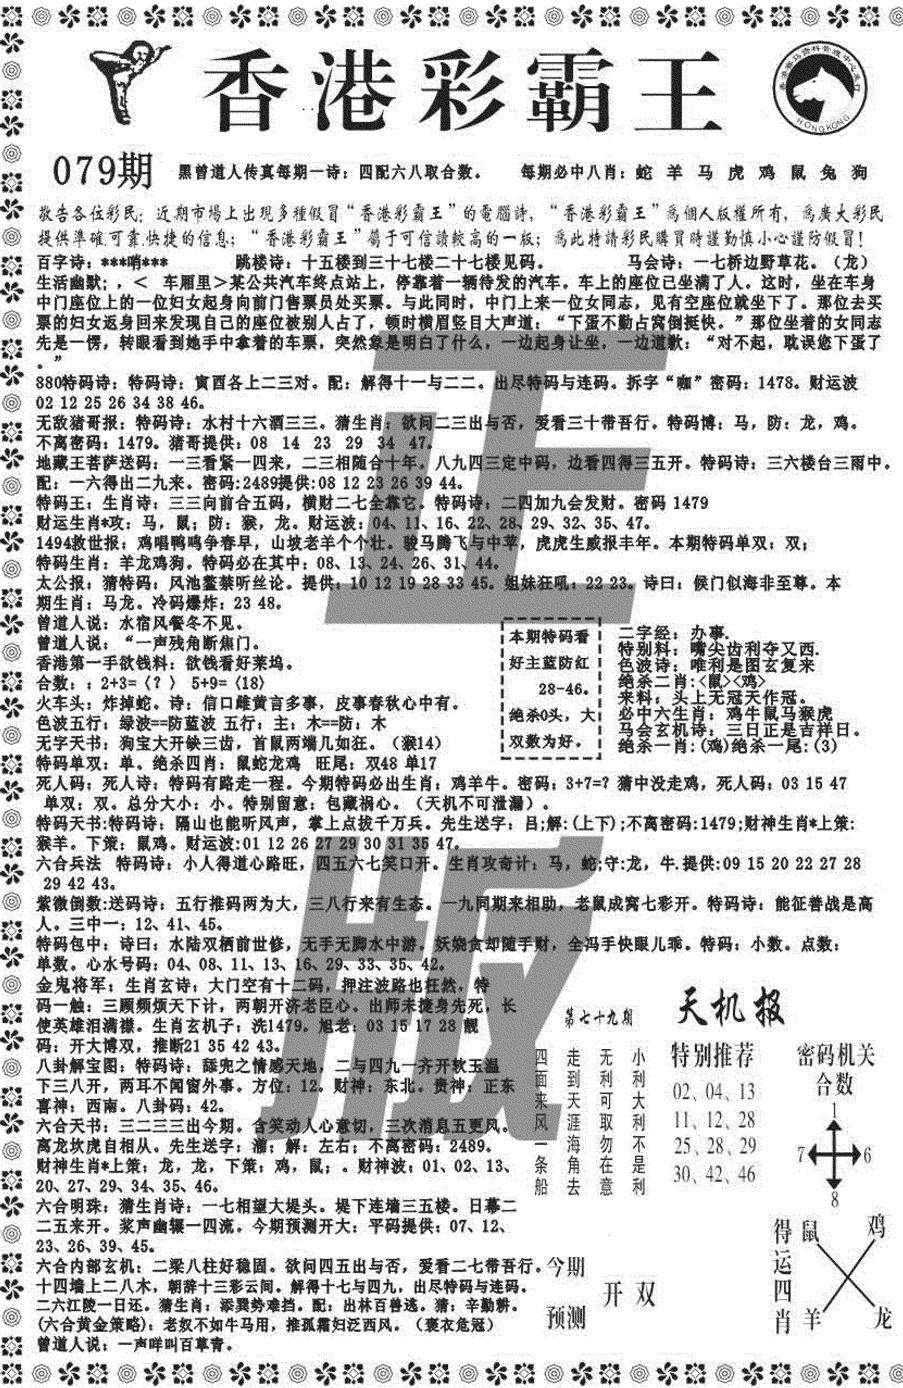 079期新彩霸王综合A(黑白)